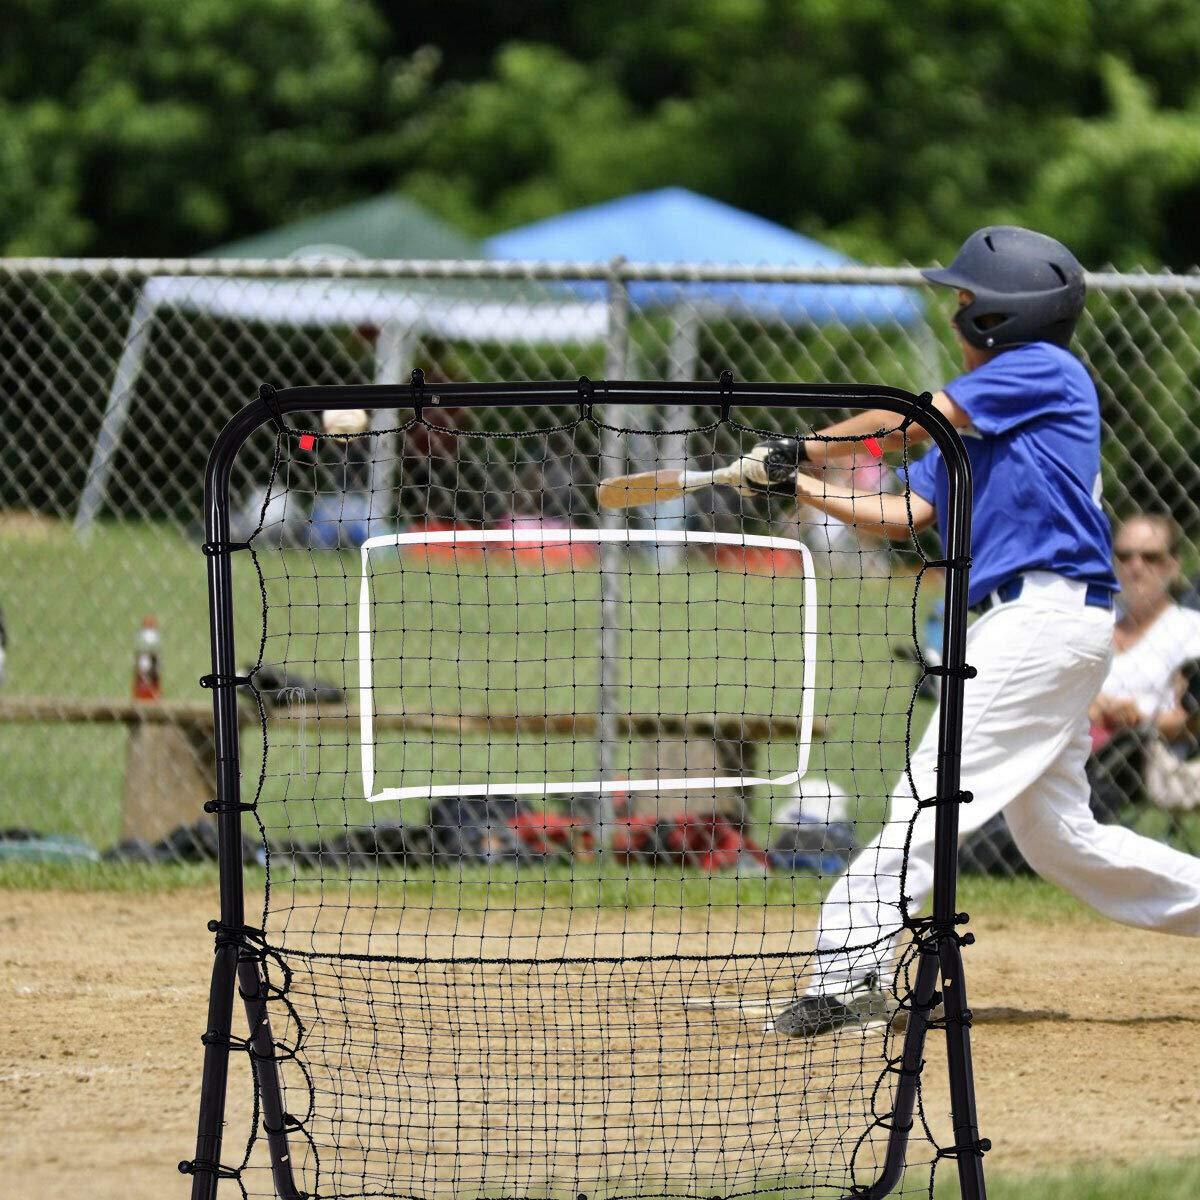 Stark Item Baseball Softball Rebounder Throw Pitch Back Net Training Screen Return Trainer by Stark Item